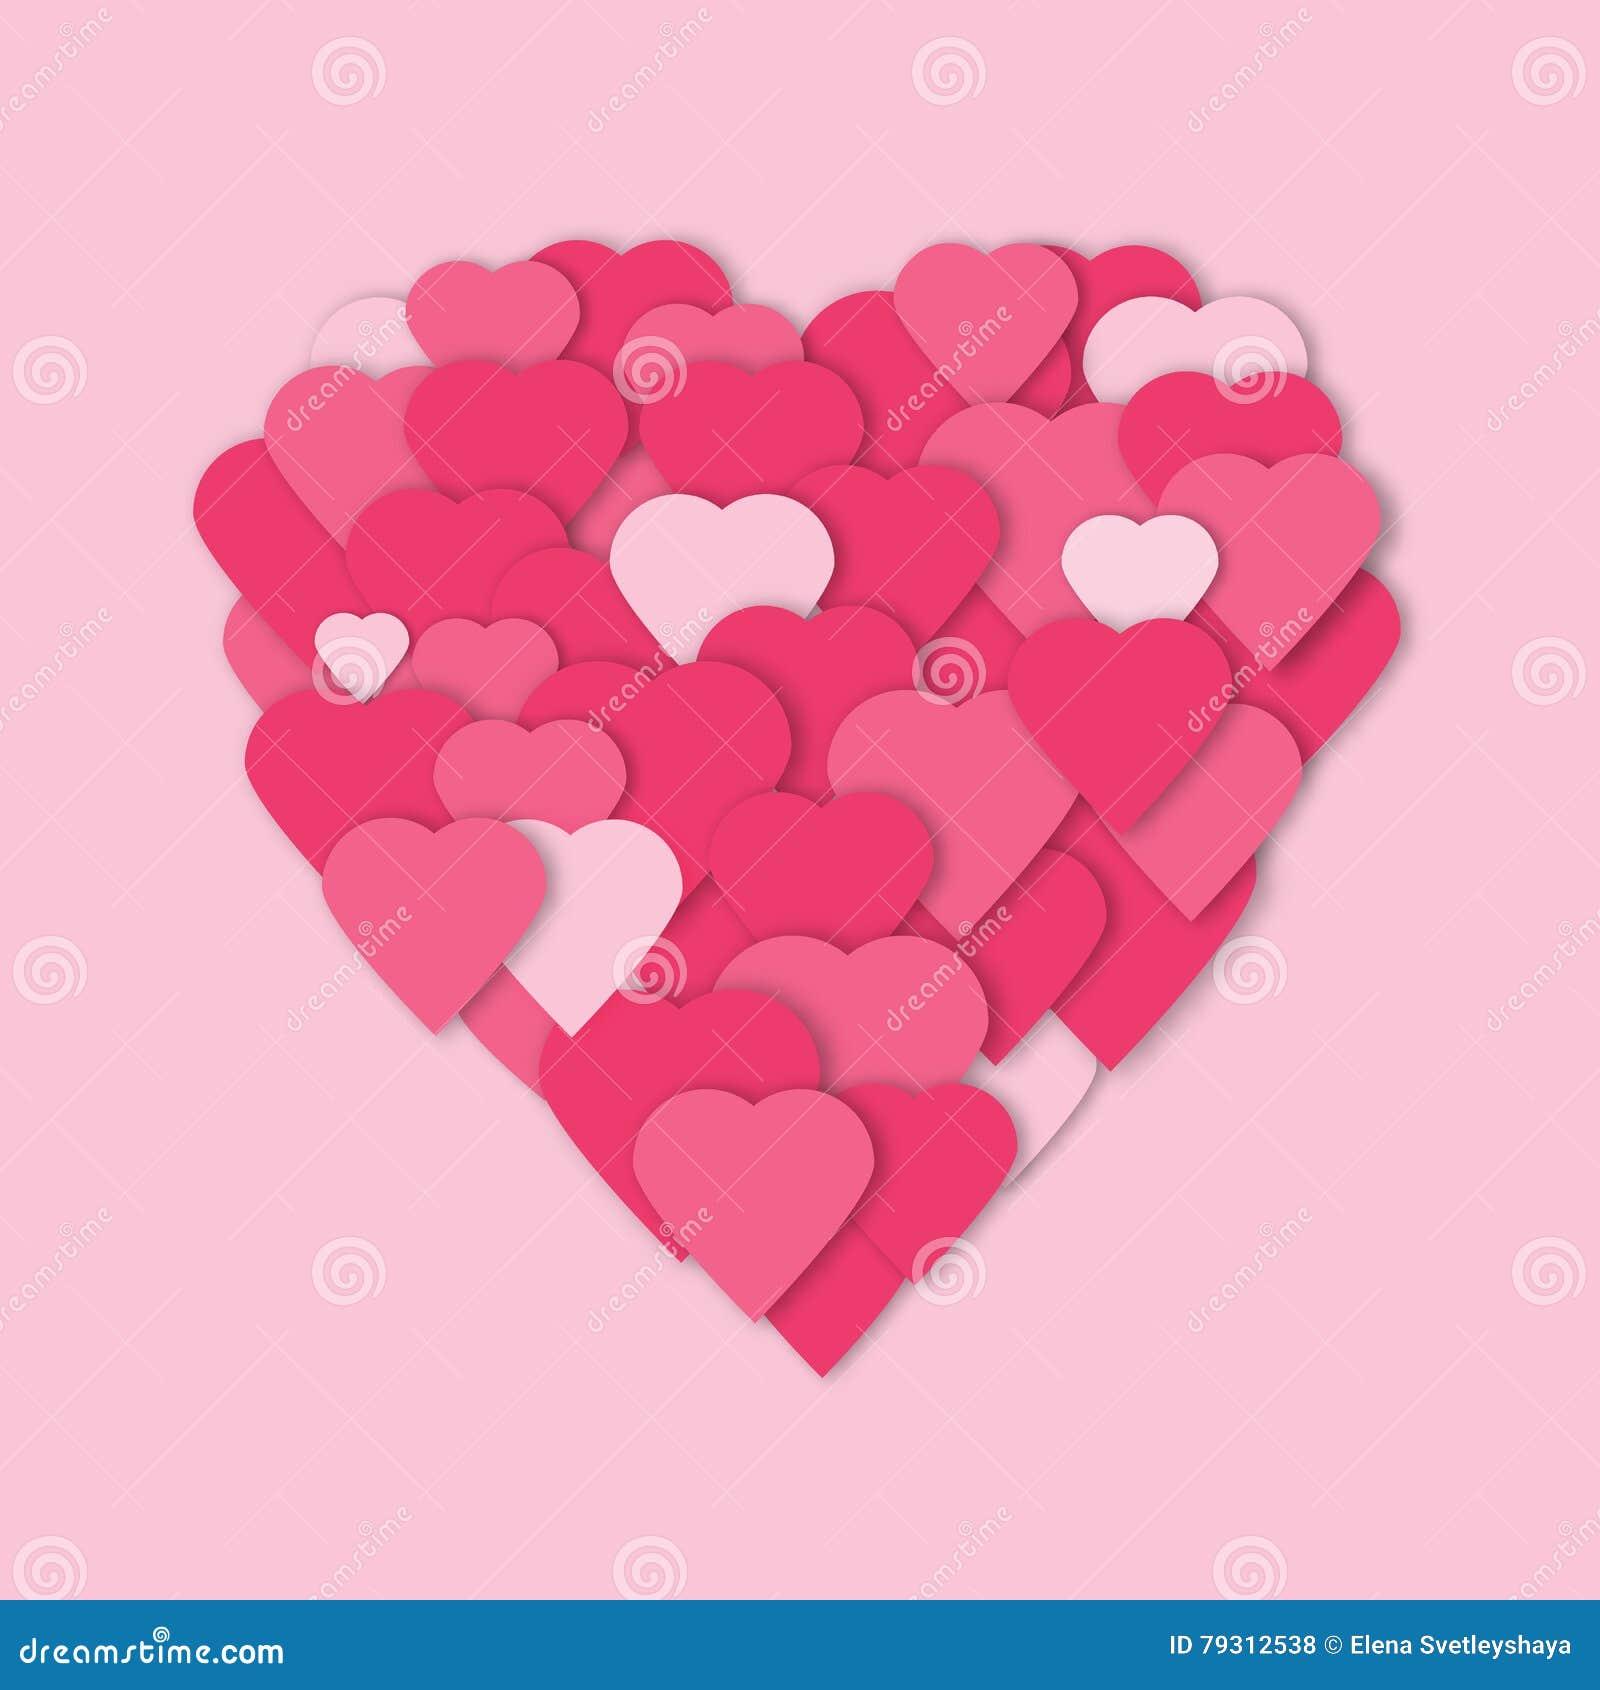 Fundo de papel cor-de-rosa brilhante do vetor dos corações Colagem dos corações do vetor no formulário do coração